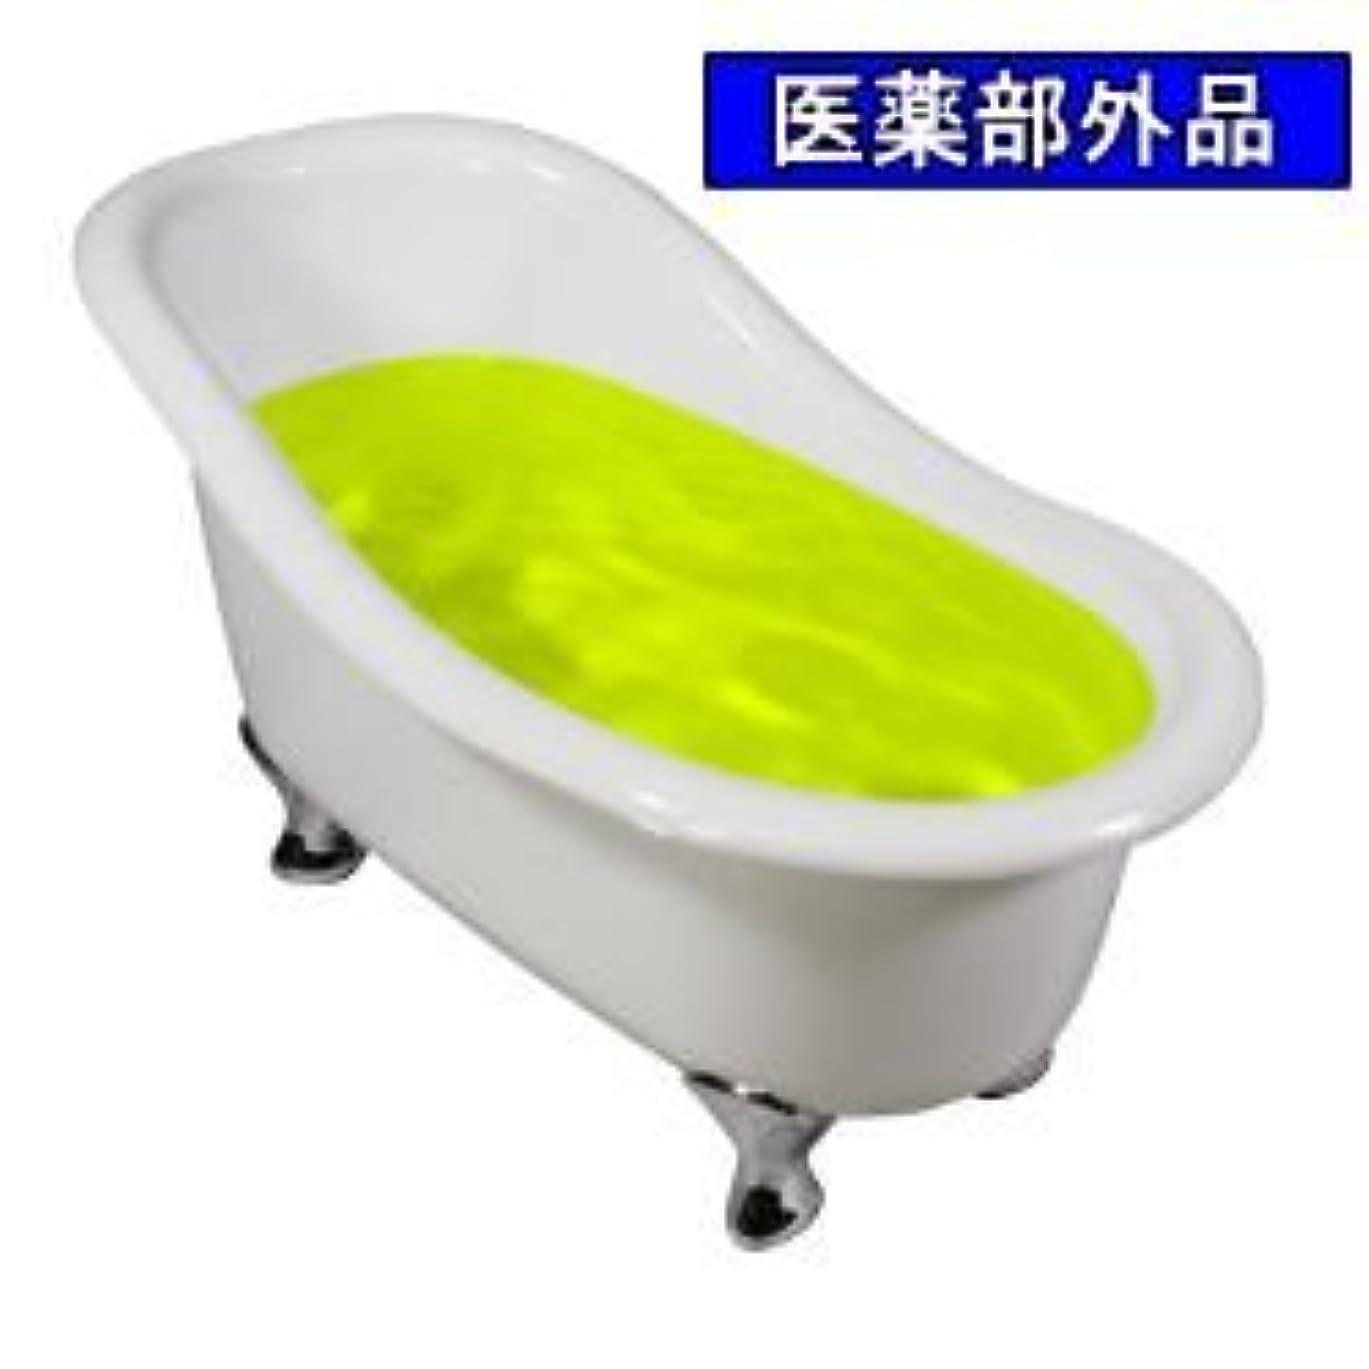 終了するお風呂を持っている洋服業務用薬用入浴剤バスフレンド ジャスミン 17kg 医薬部外品